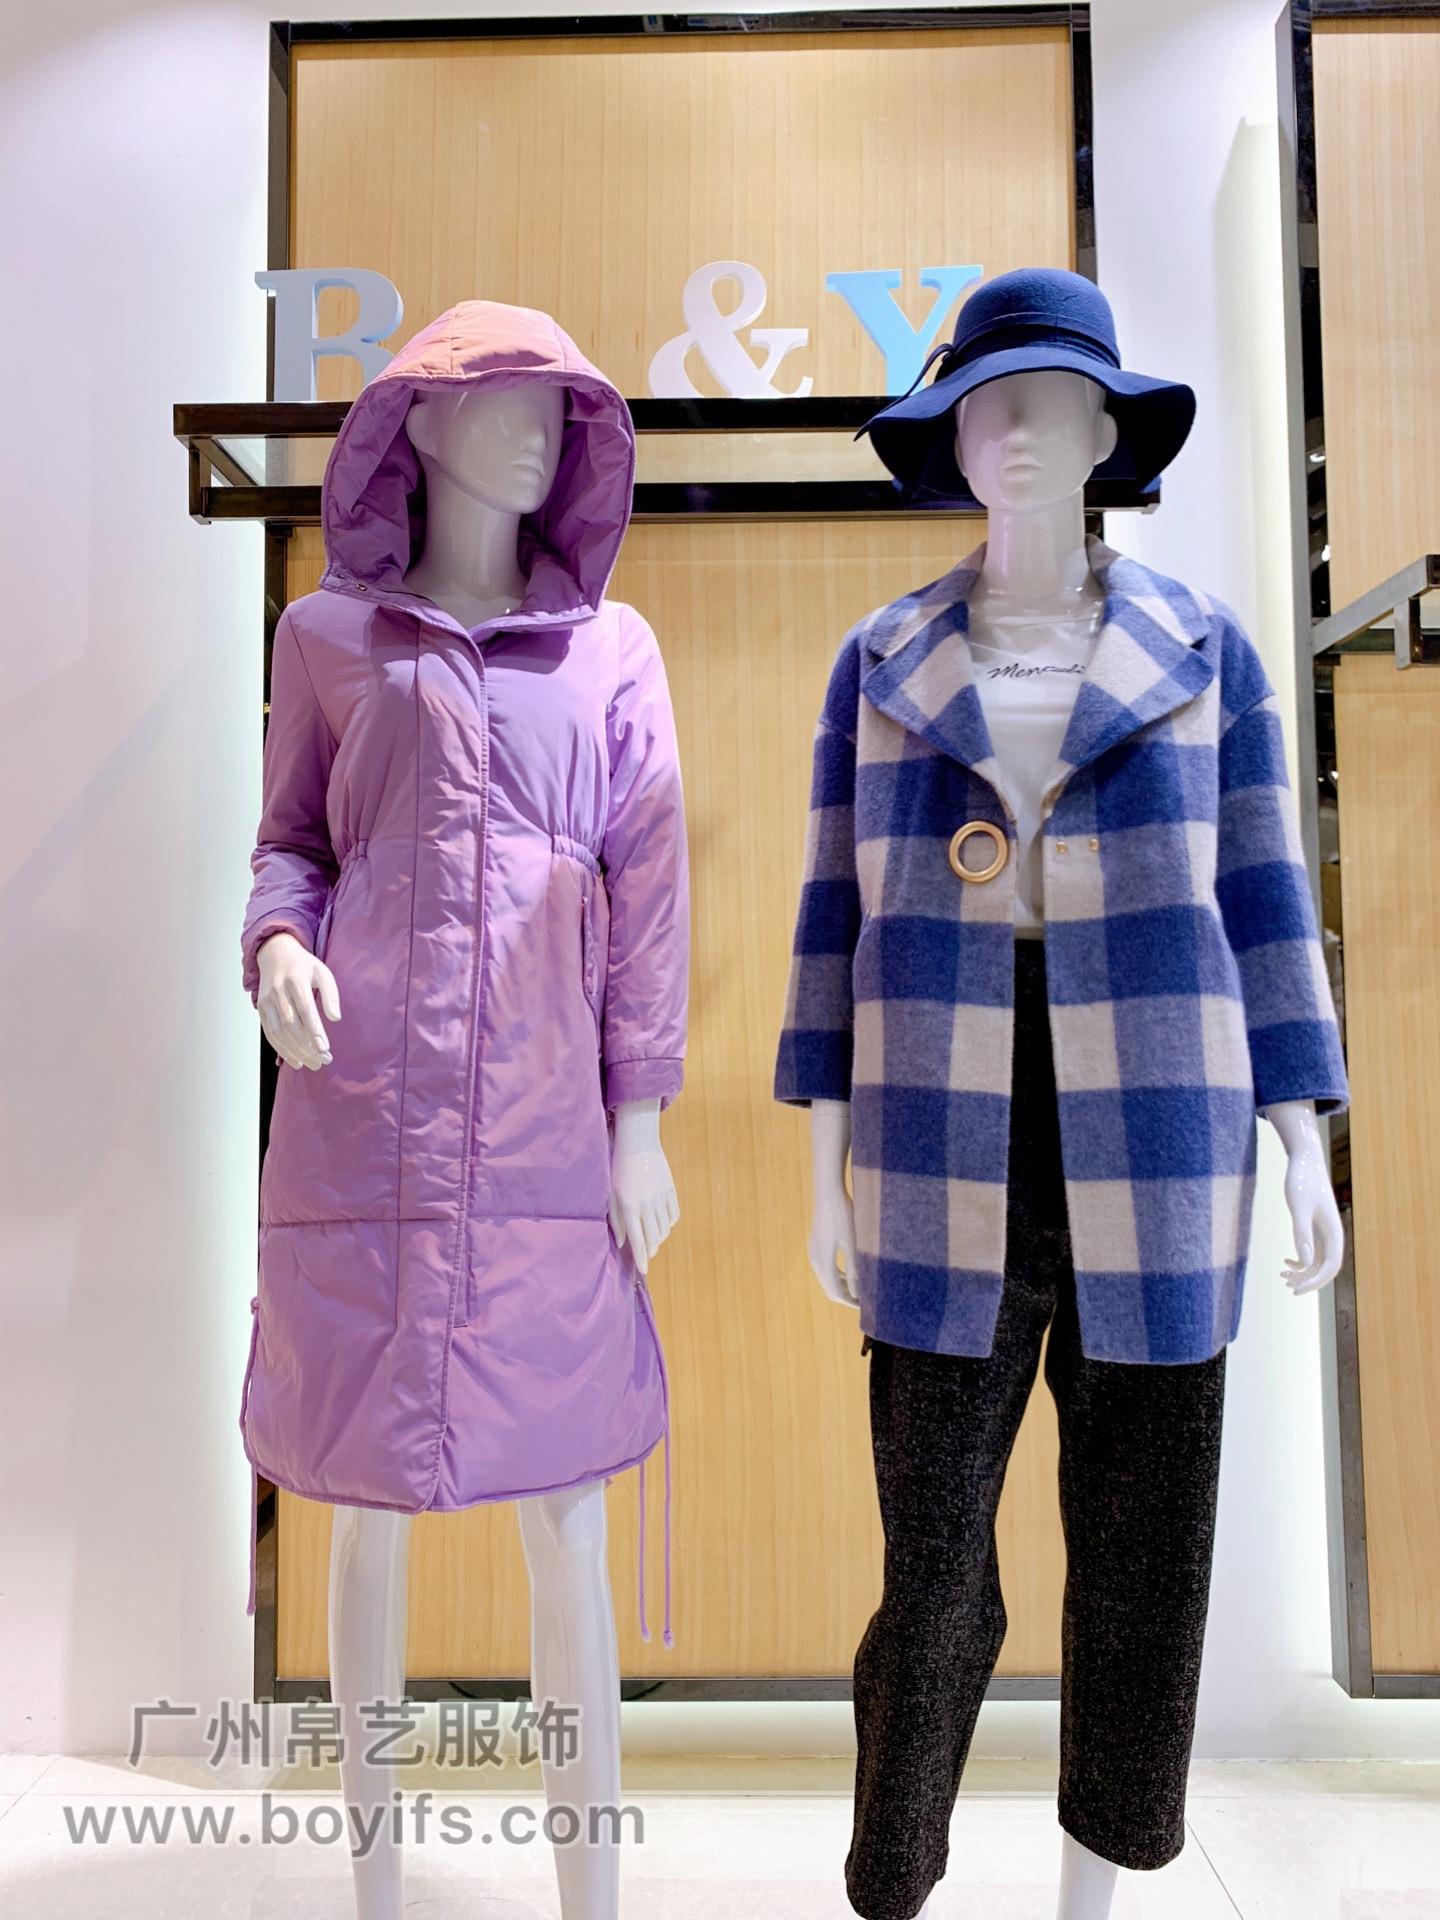 红雨鸶19年冬装,帛艺服饰品牌货源折扣批发